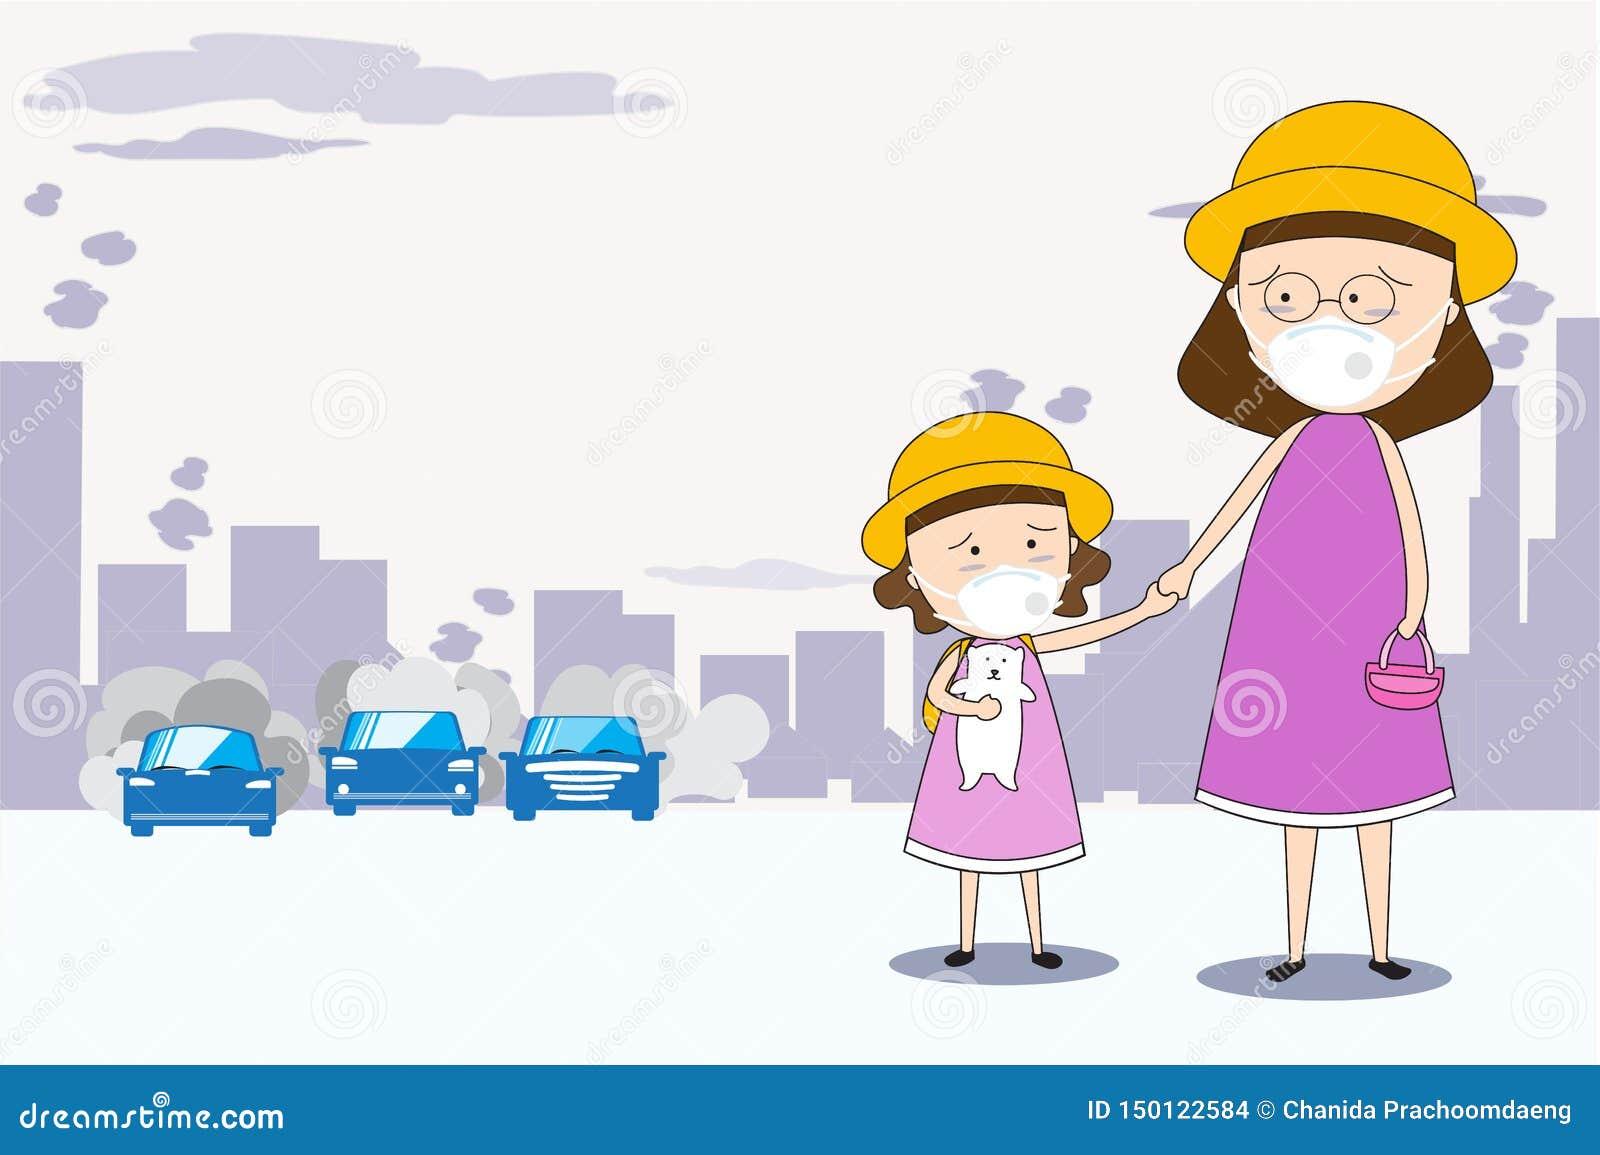 Matka i córka chodzimy szkoła i jesteśmy ubranym maski N95 zapobiegać zanieczyszczenie powietrza w mieście PM 2 5 w py?u metrze